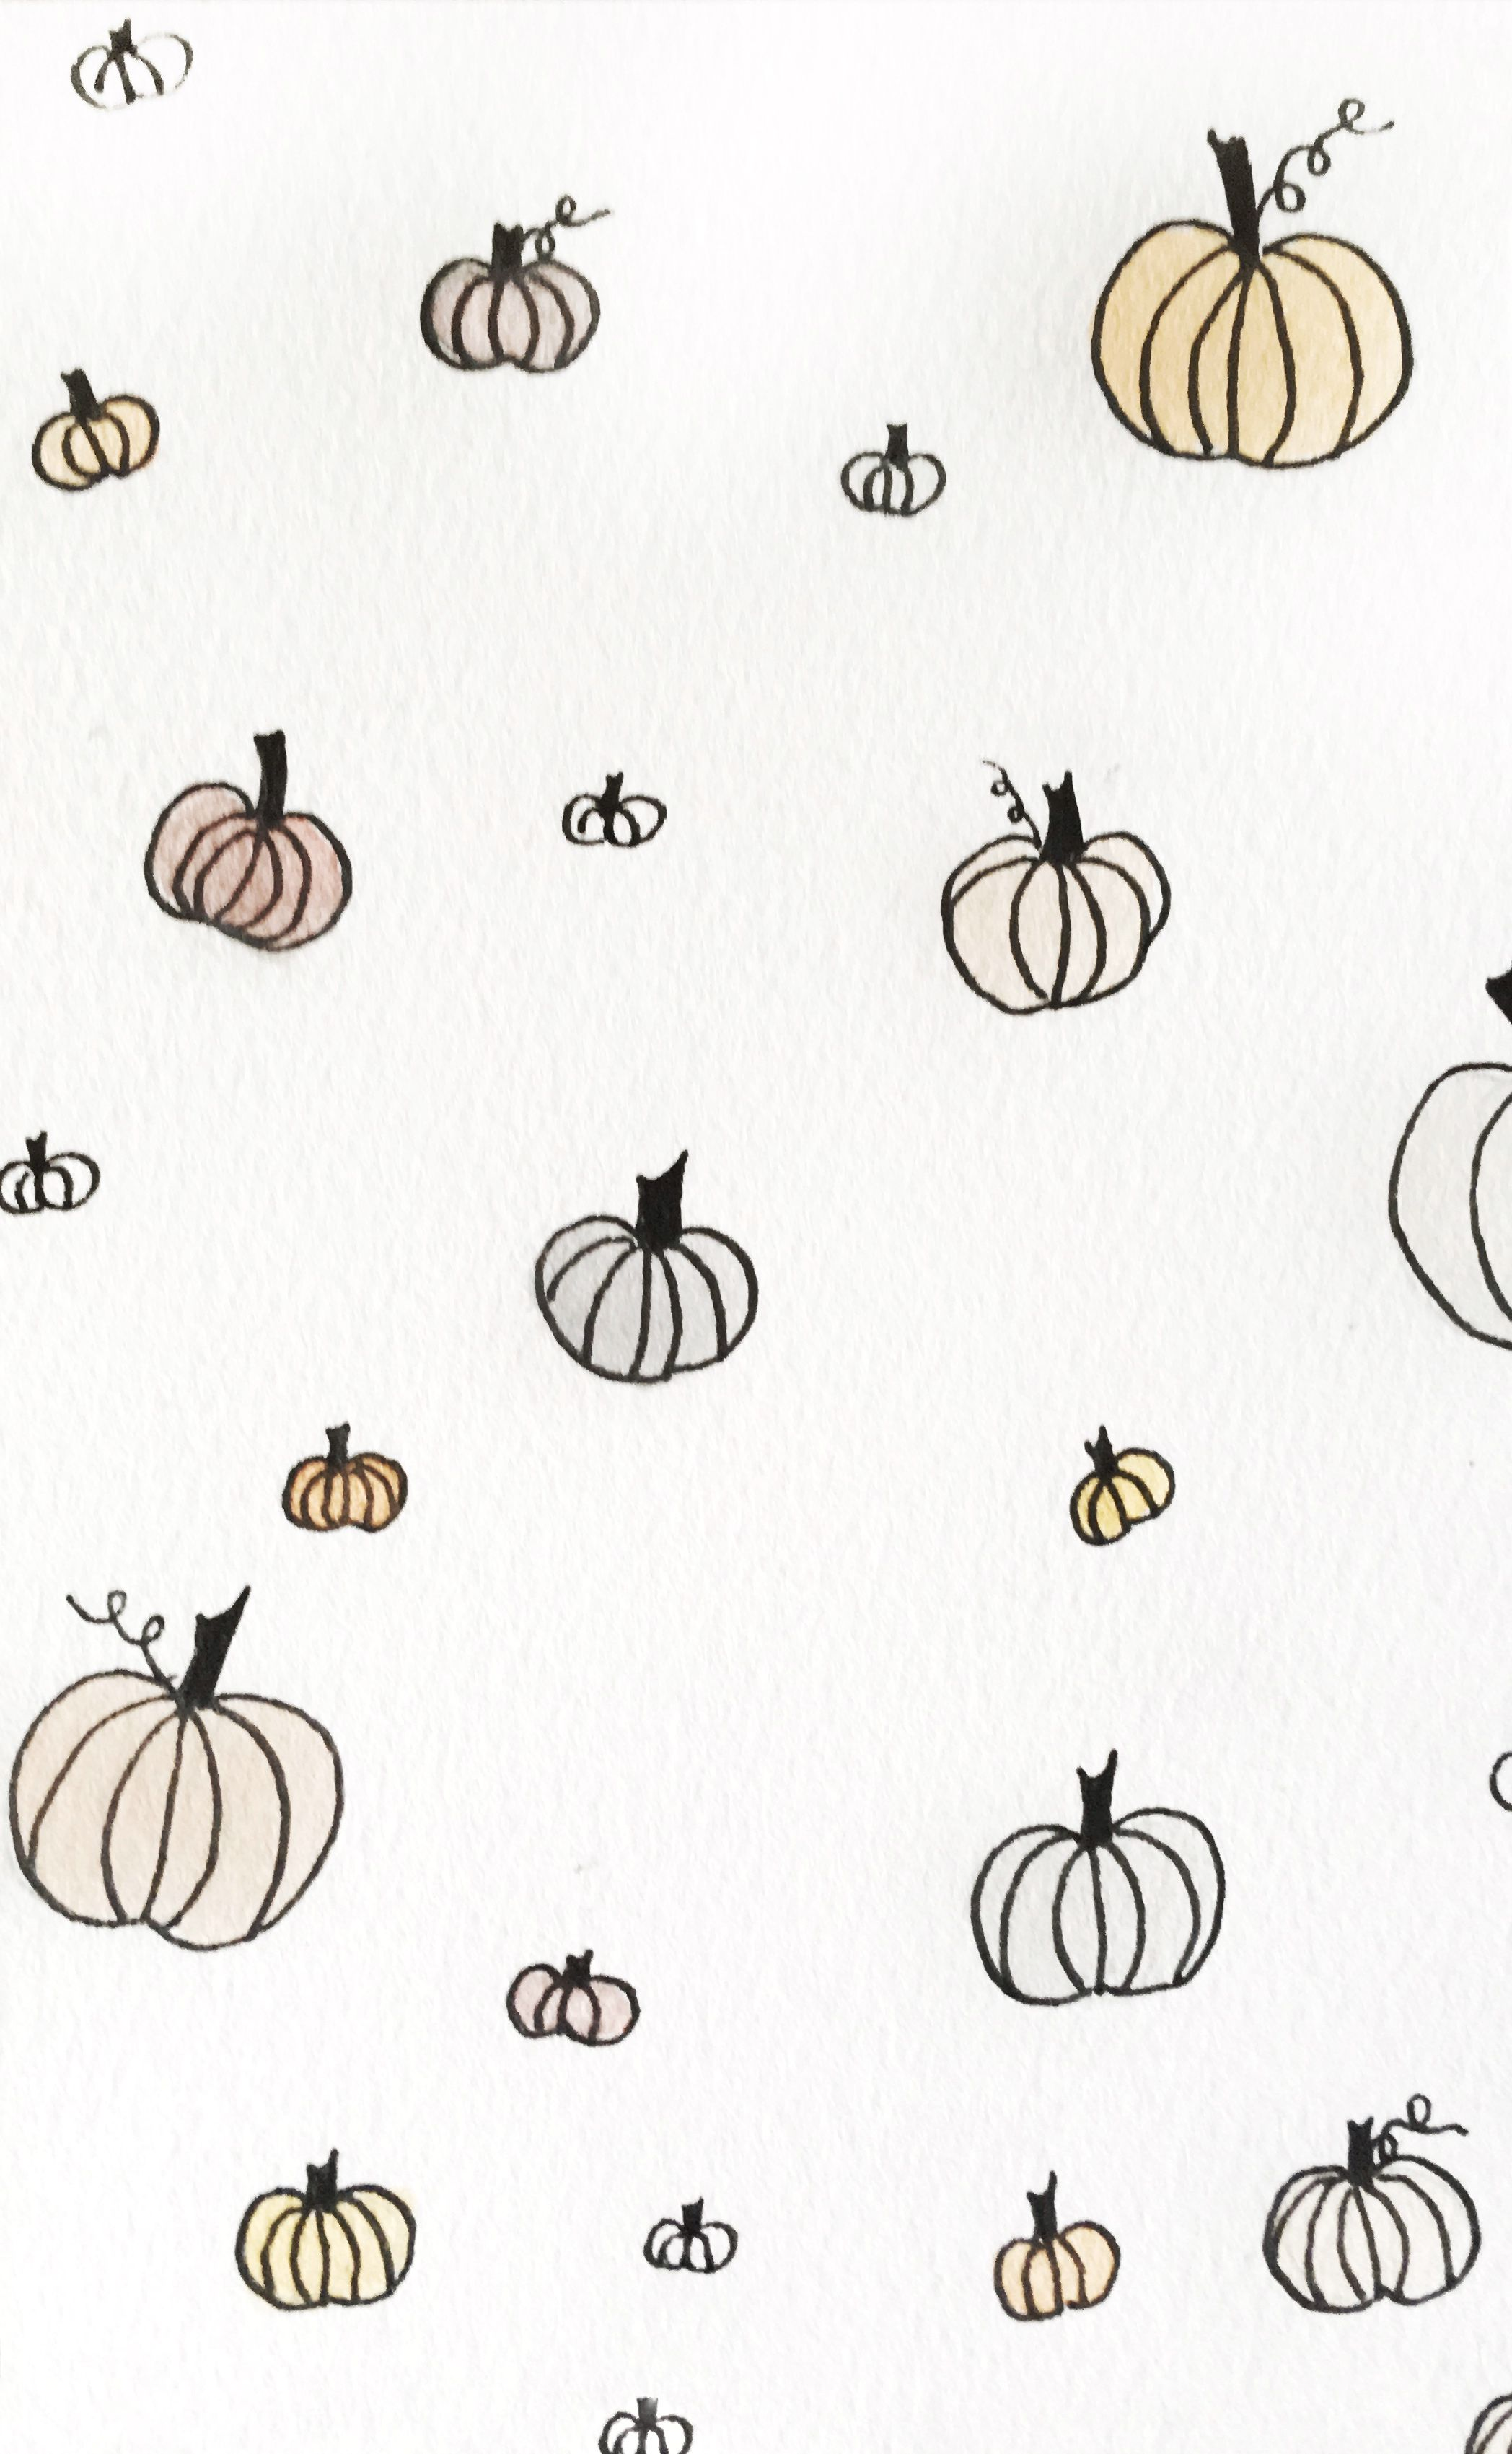 Pumpkin Iphone Watercolor Wallpaper Halloween Wallpaper Iphone Thanksgiving Wallpaper Watercolor Wallpaper